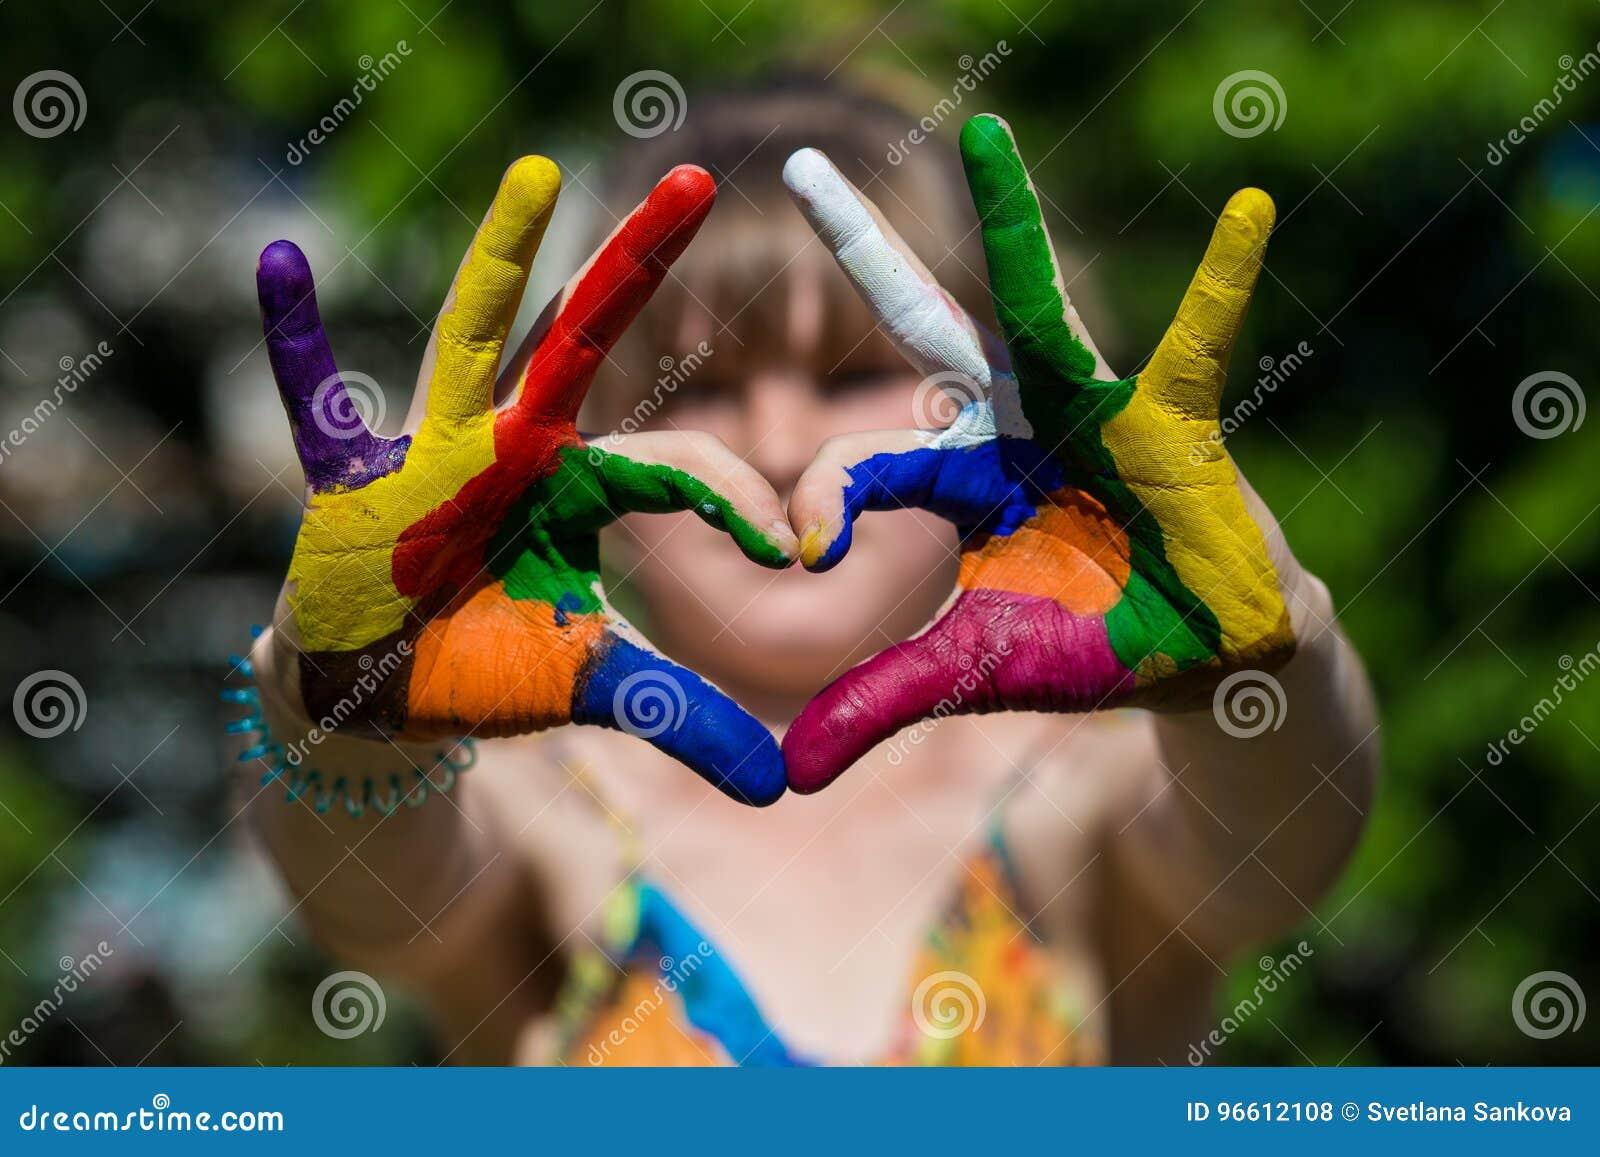 Τα παιδιά παραδίδουν τα χρώματα χρώματος κάνουν μια μορφή καρδιών, εστιάζουν στα χέρια